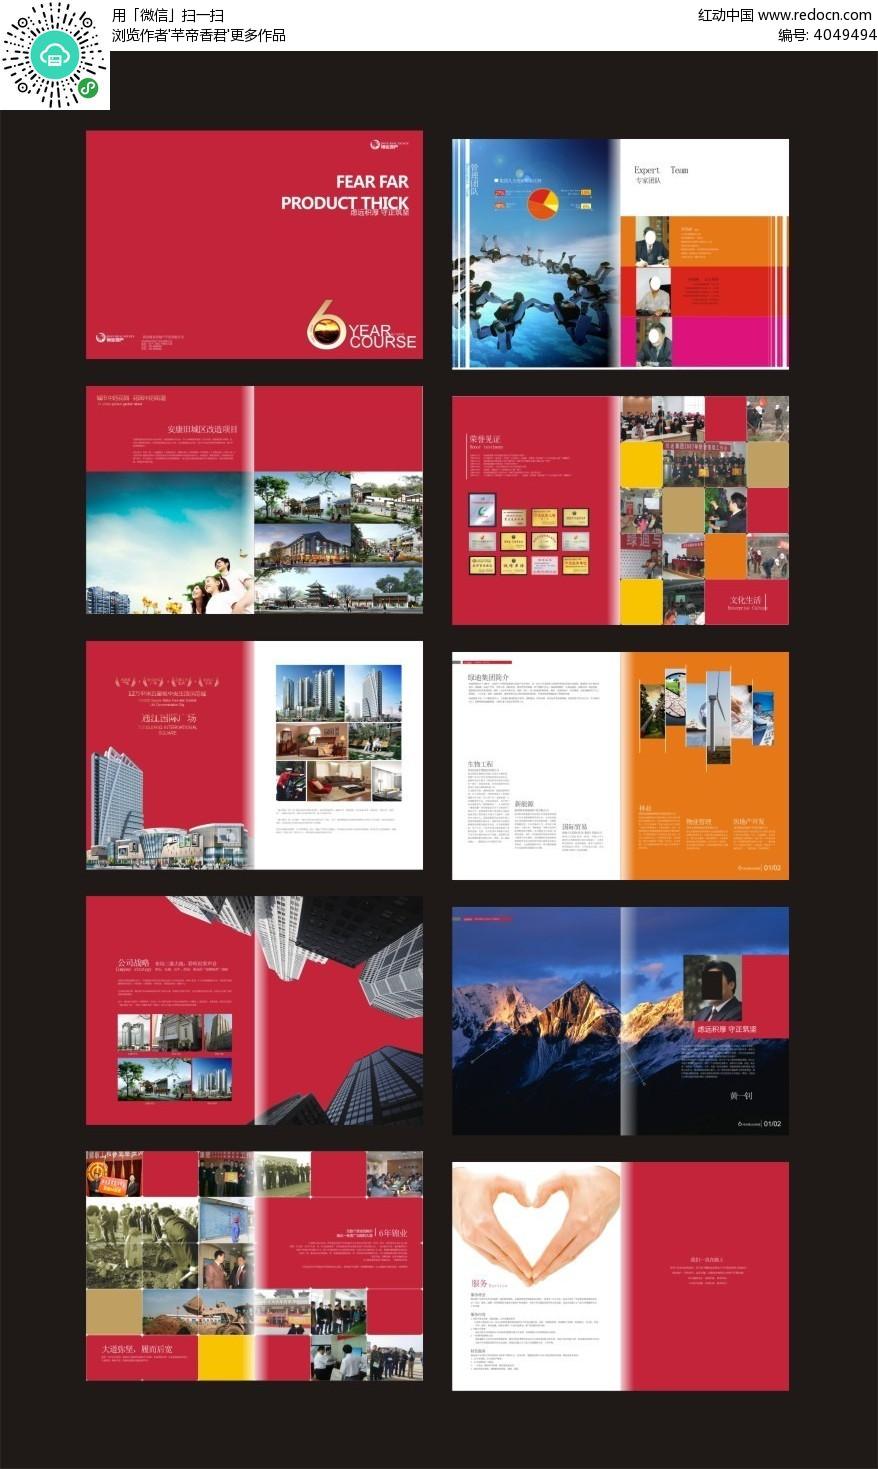 免费素材 矢量素材 广告设计矢量模板 画册设计 红橙背景高档房产宣传